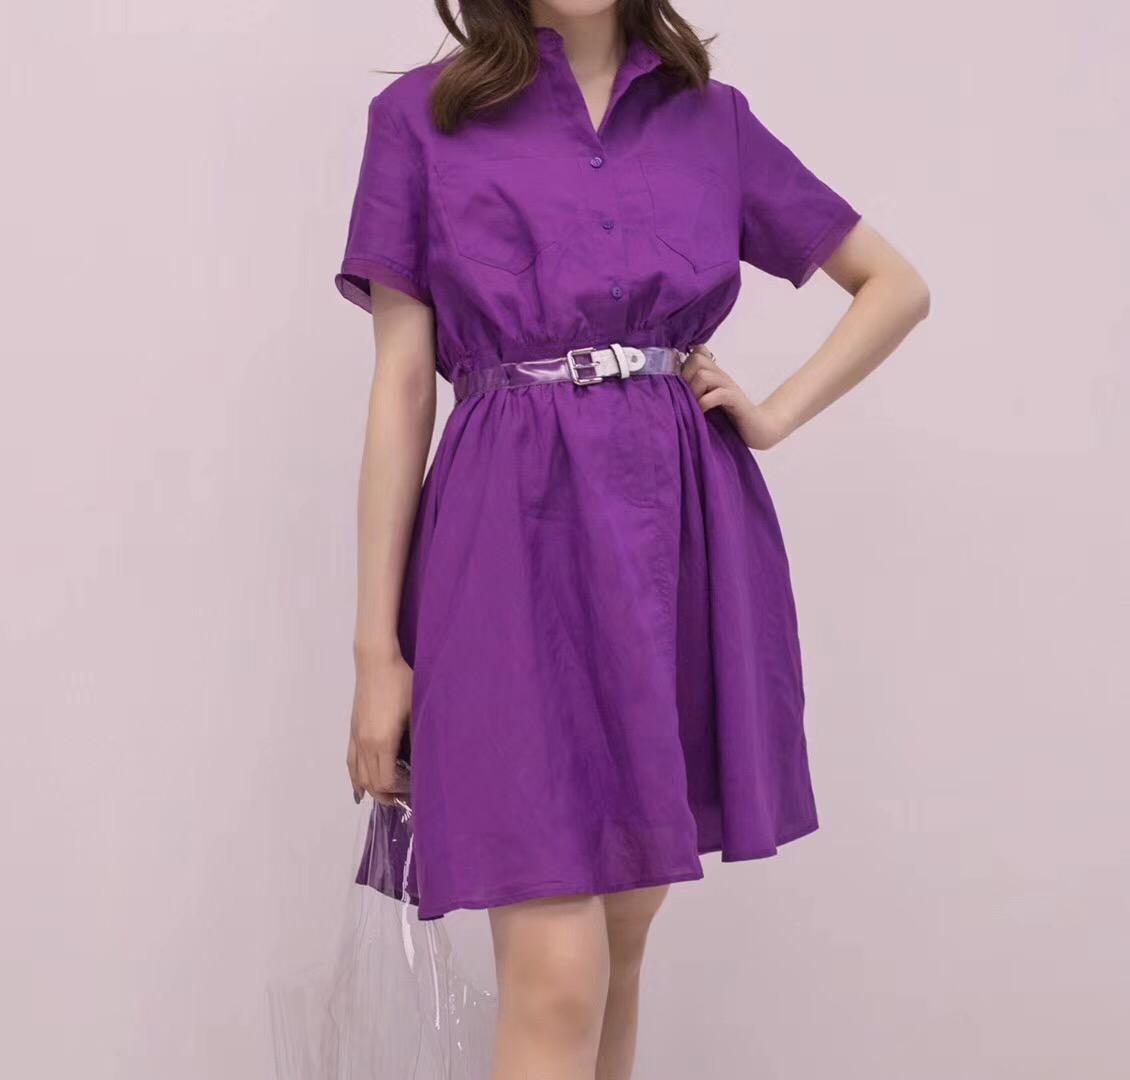 紫色连衣裙 VIP W正品韩版立领单排扣收腰纯色天丝麻中长连衣裙衬衫裙女5681_推荐淘宝好看的紫色连衣裙